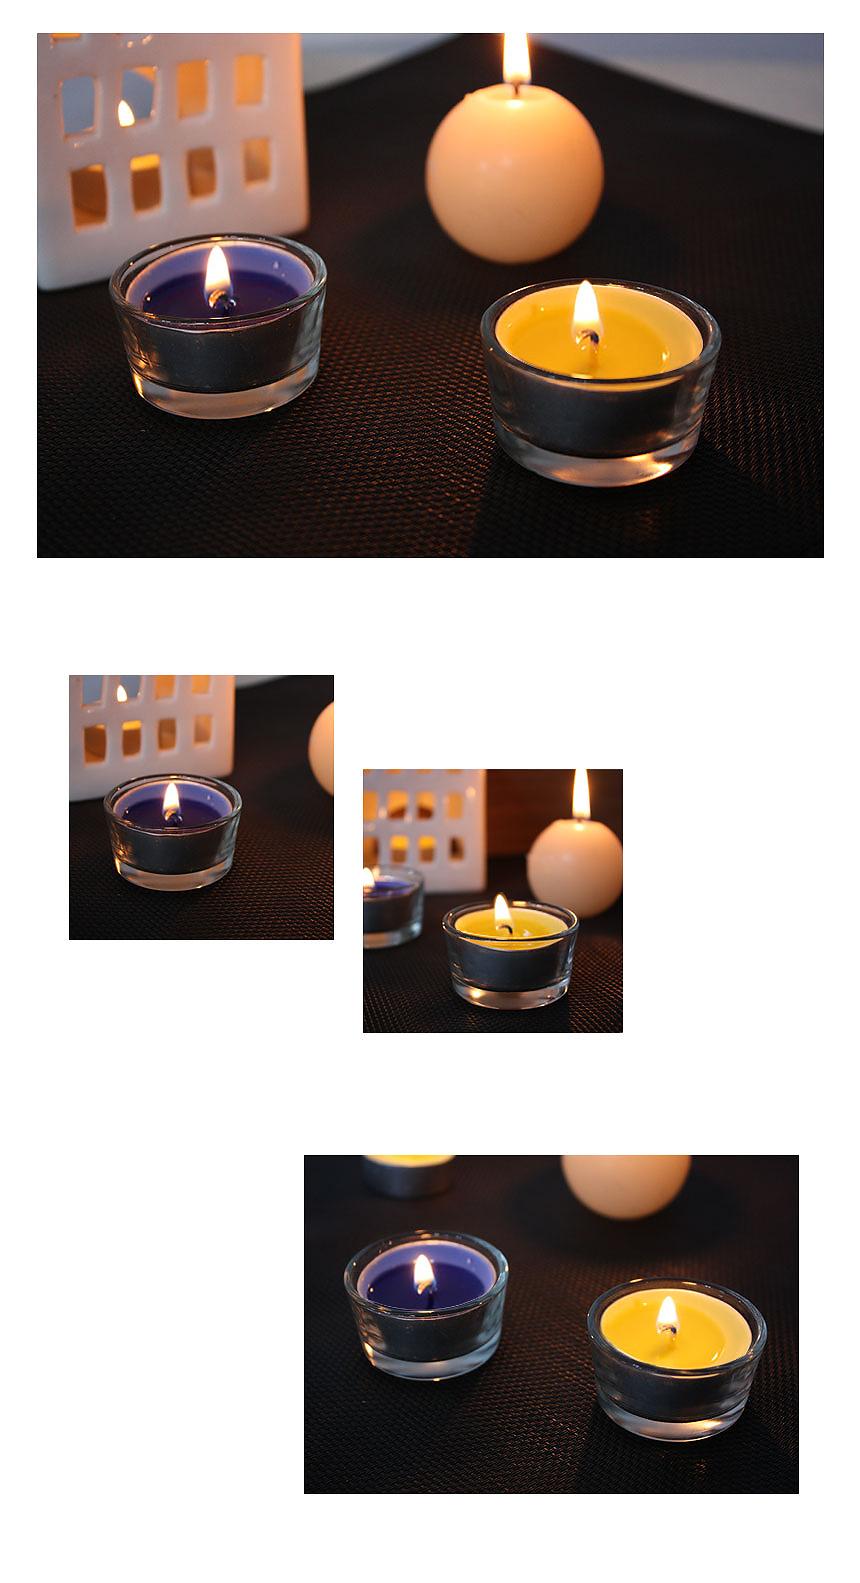 미니초컵 캔들홀더(투명) - 글라스코, 1,600원, 캔들, 캔들홀더/소품